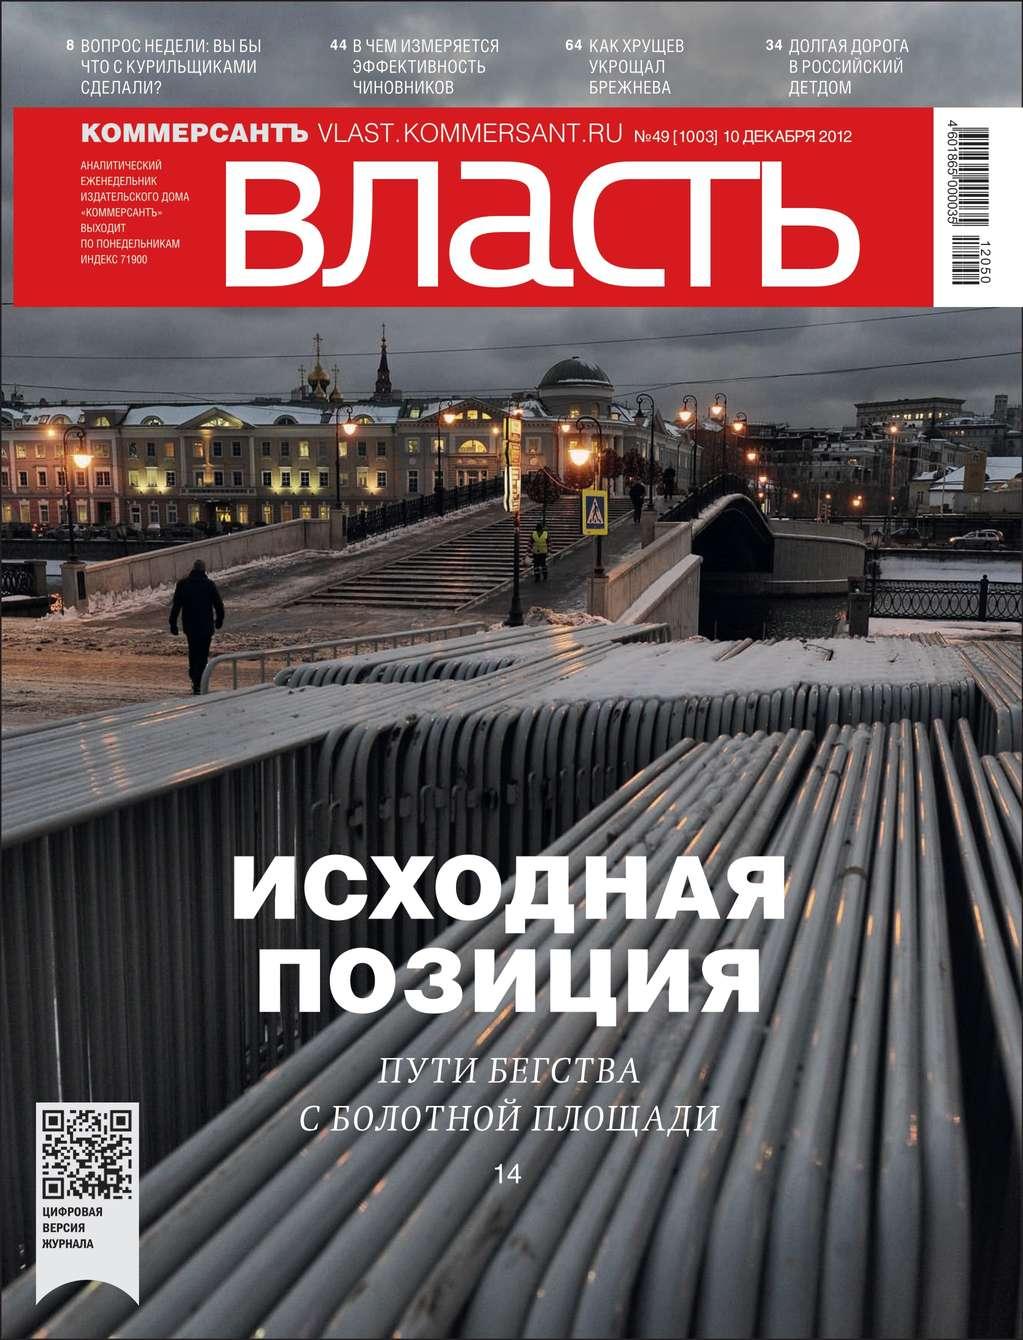 КоммерсантЪ Власть 49-12-2012